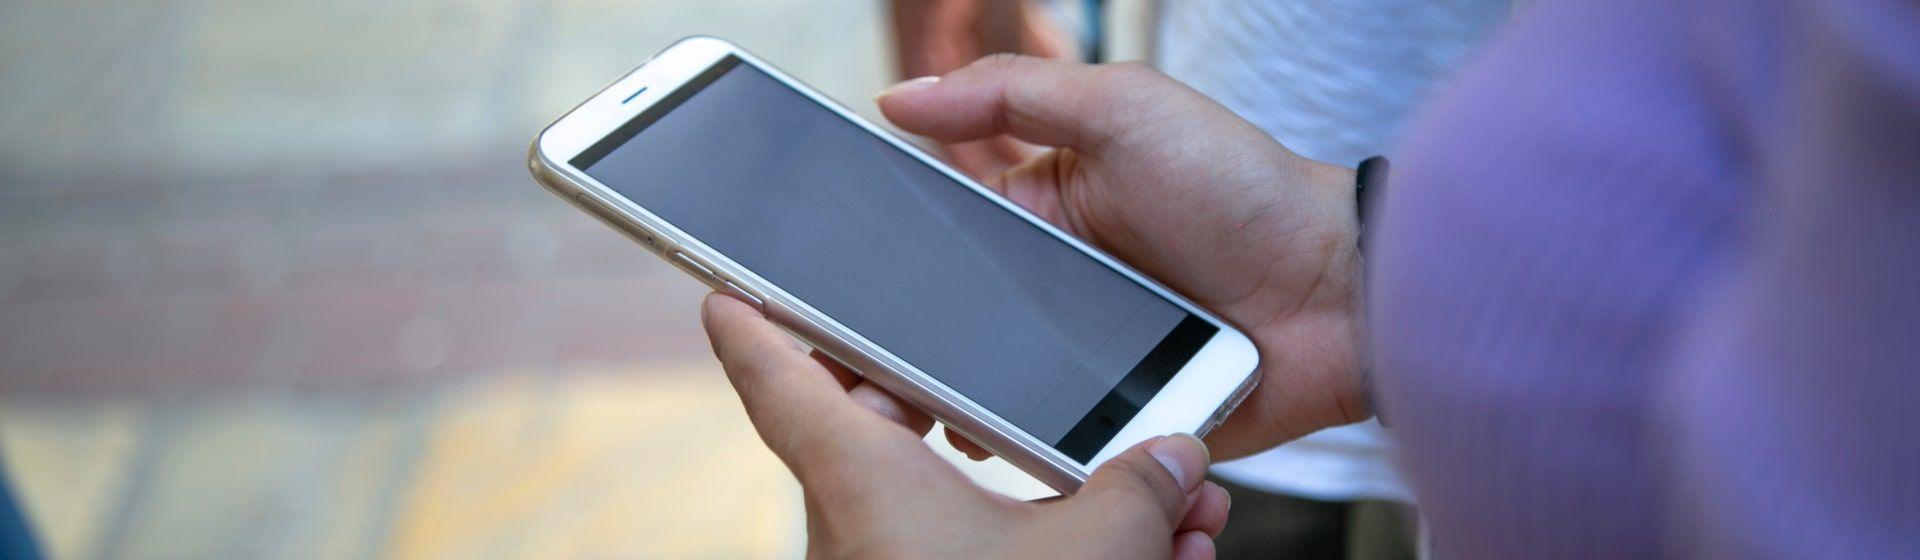 Celular até 600 reais: veja smartphones bons e baratos em 2021